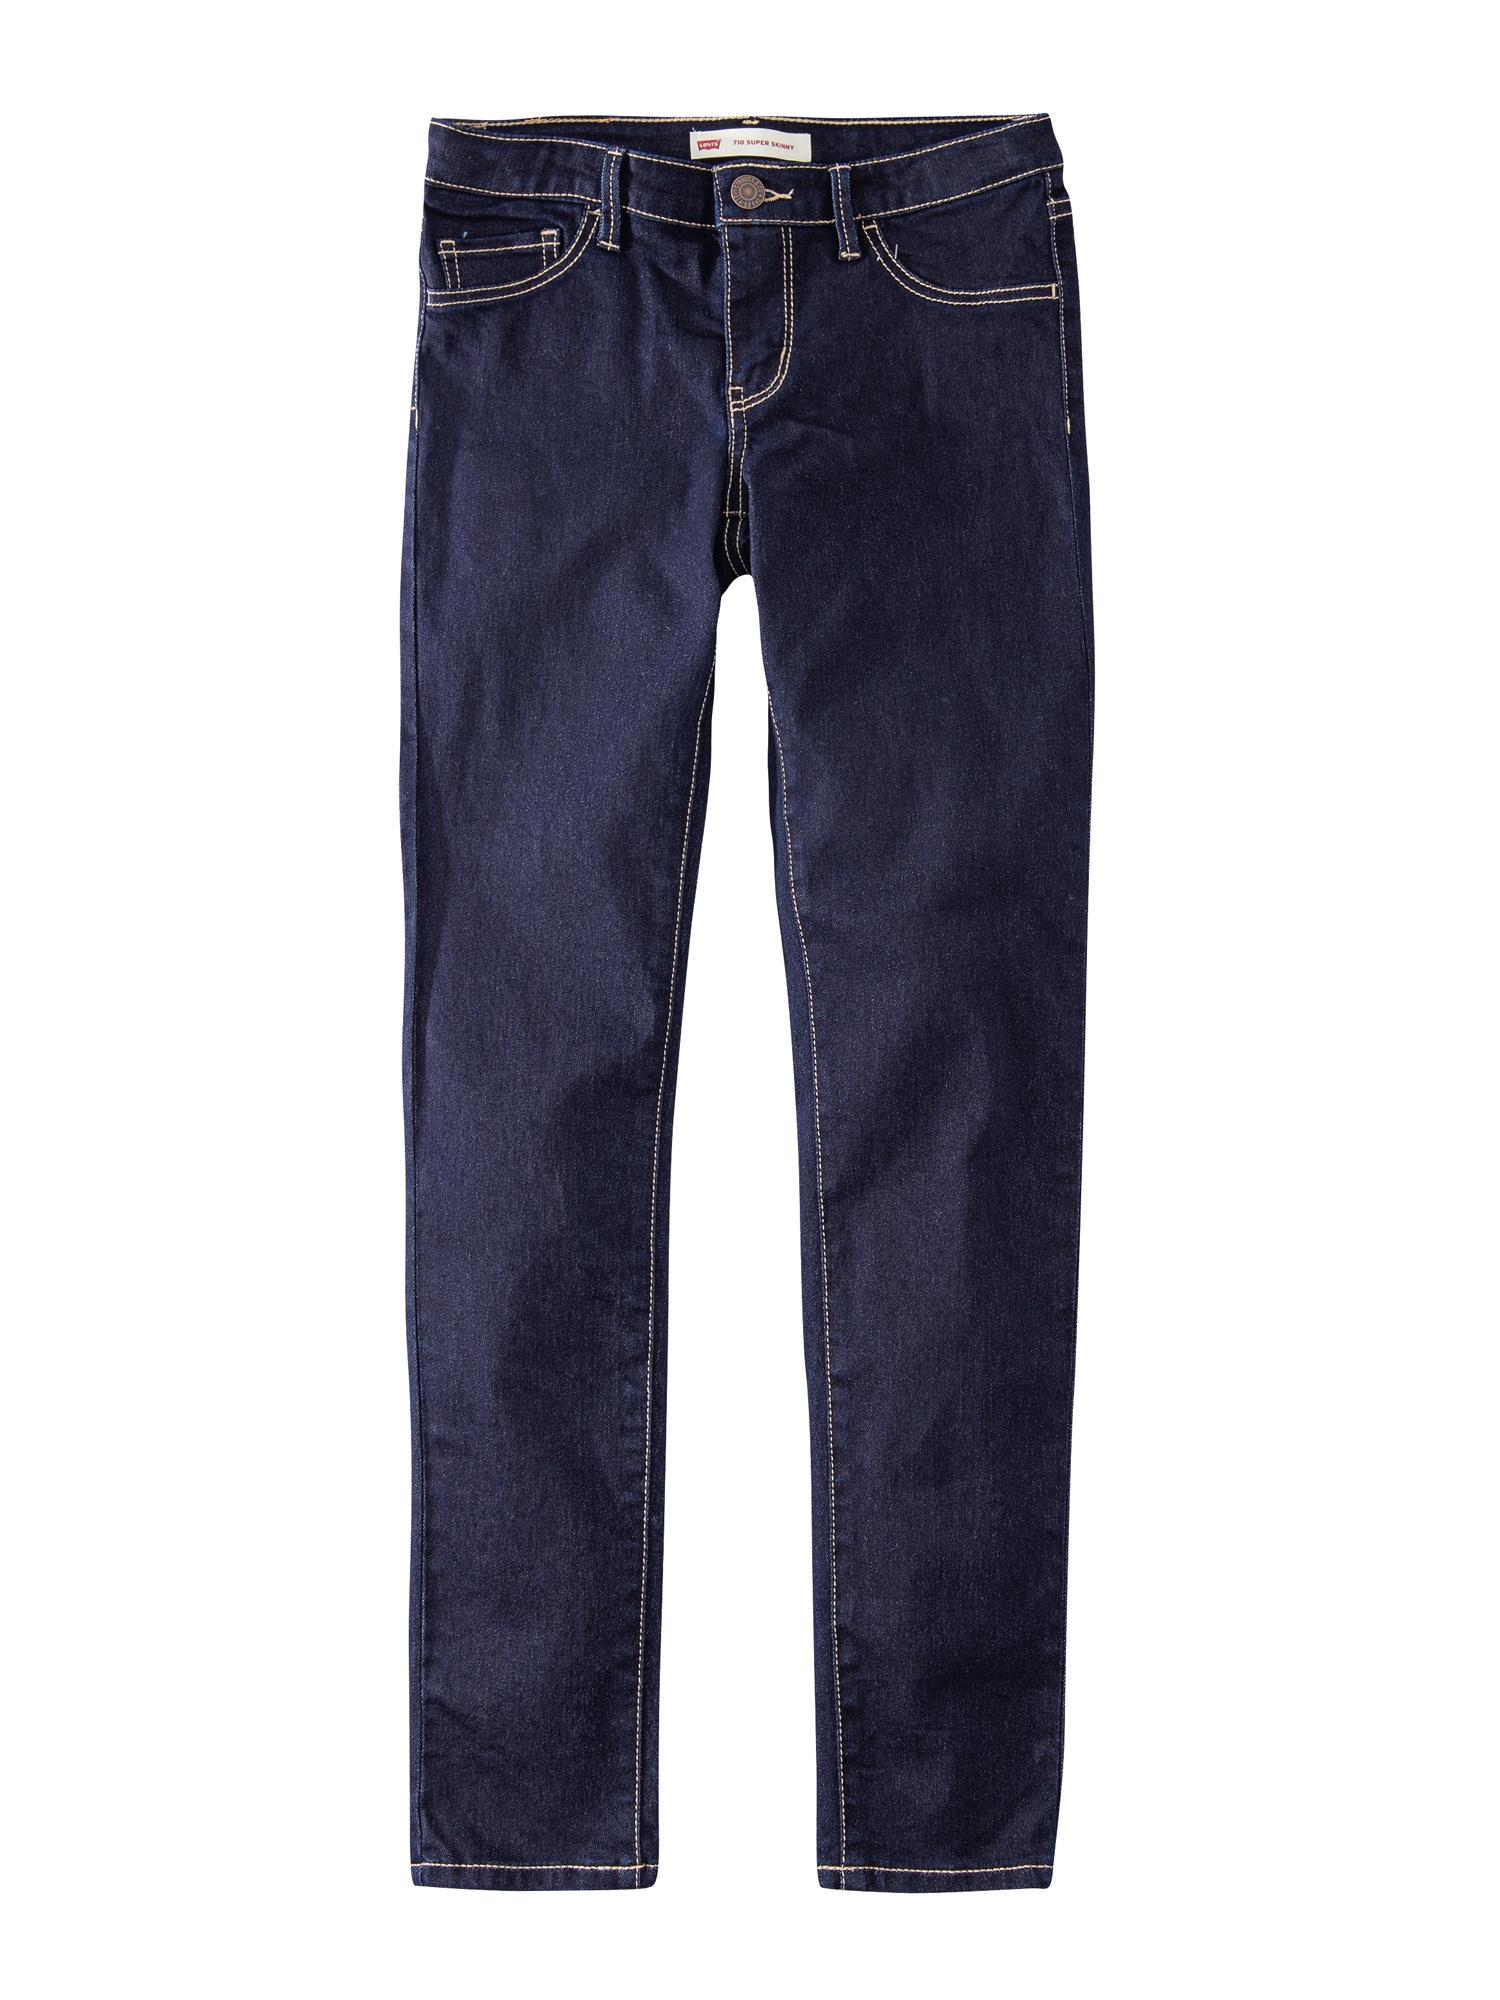 LEVI'S Džinsai '710' tamsiai (džinso) mėlyna